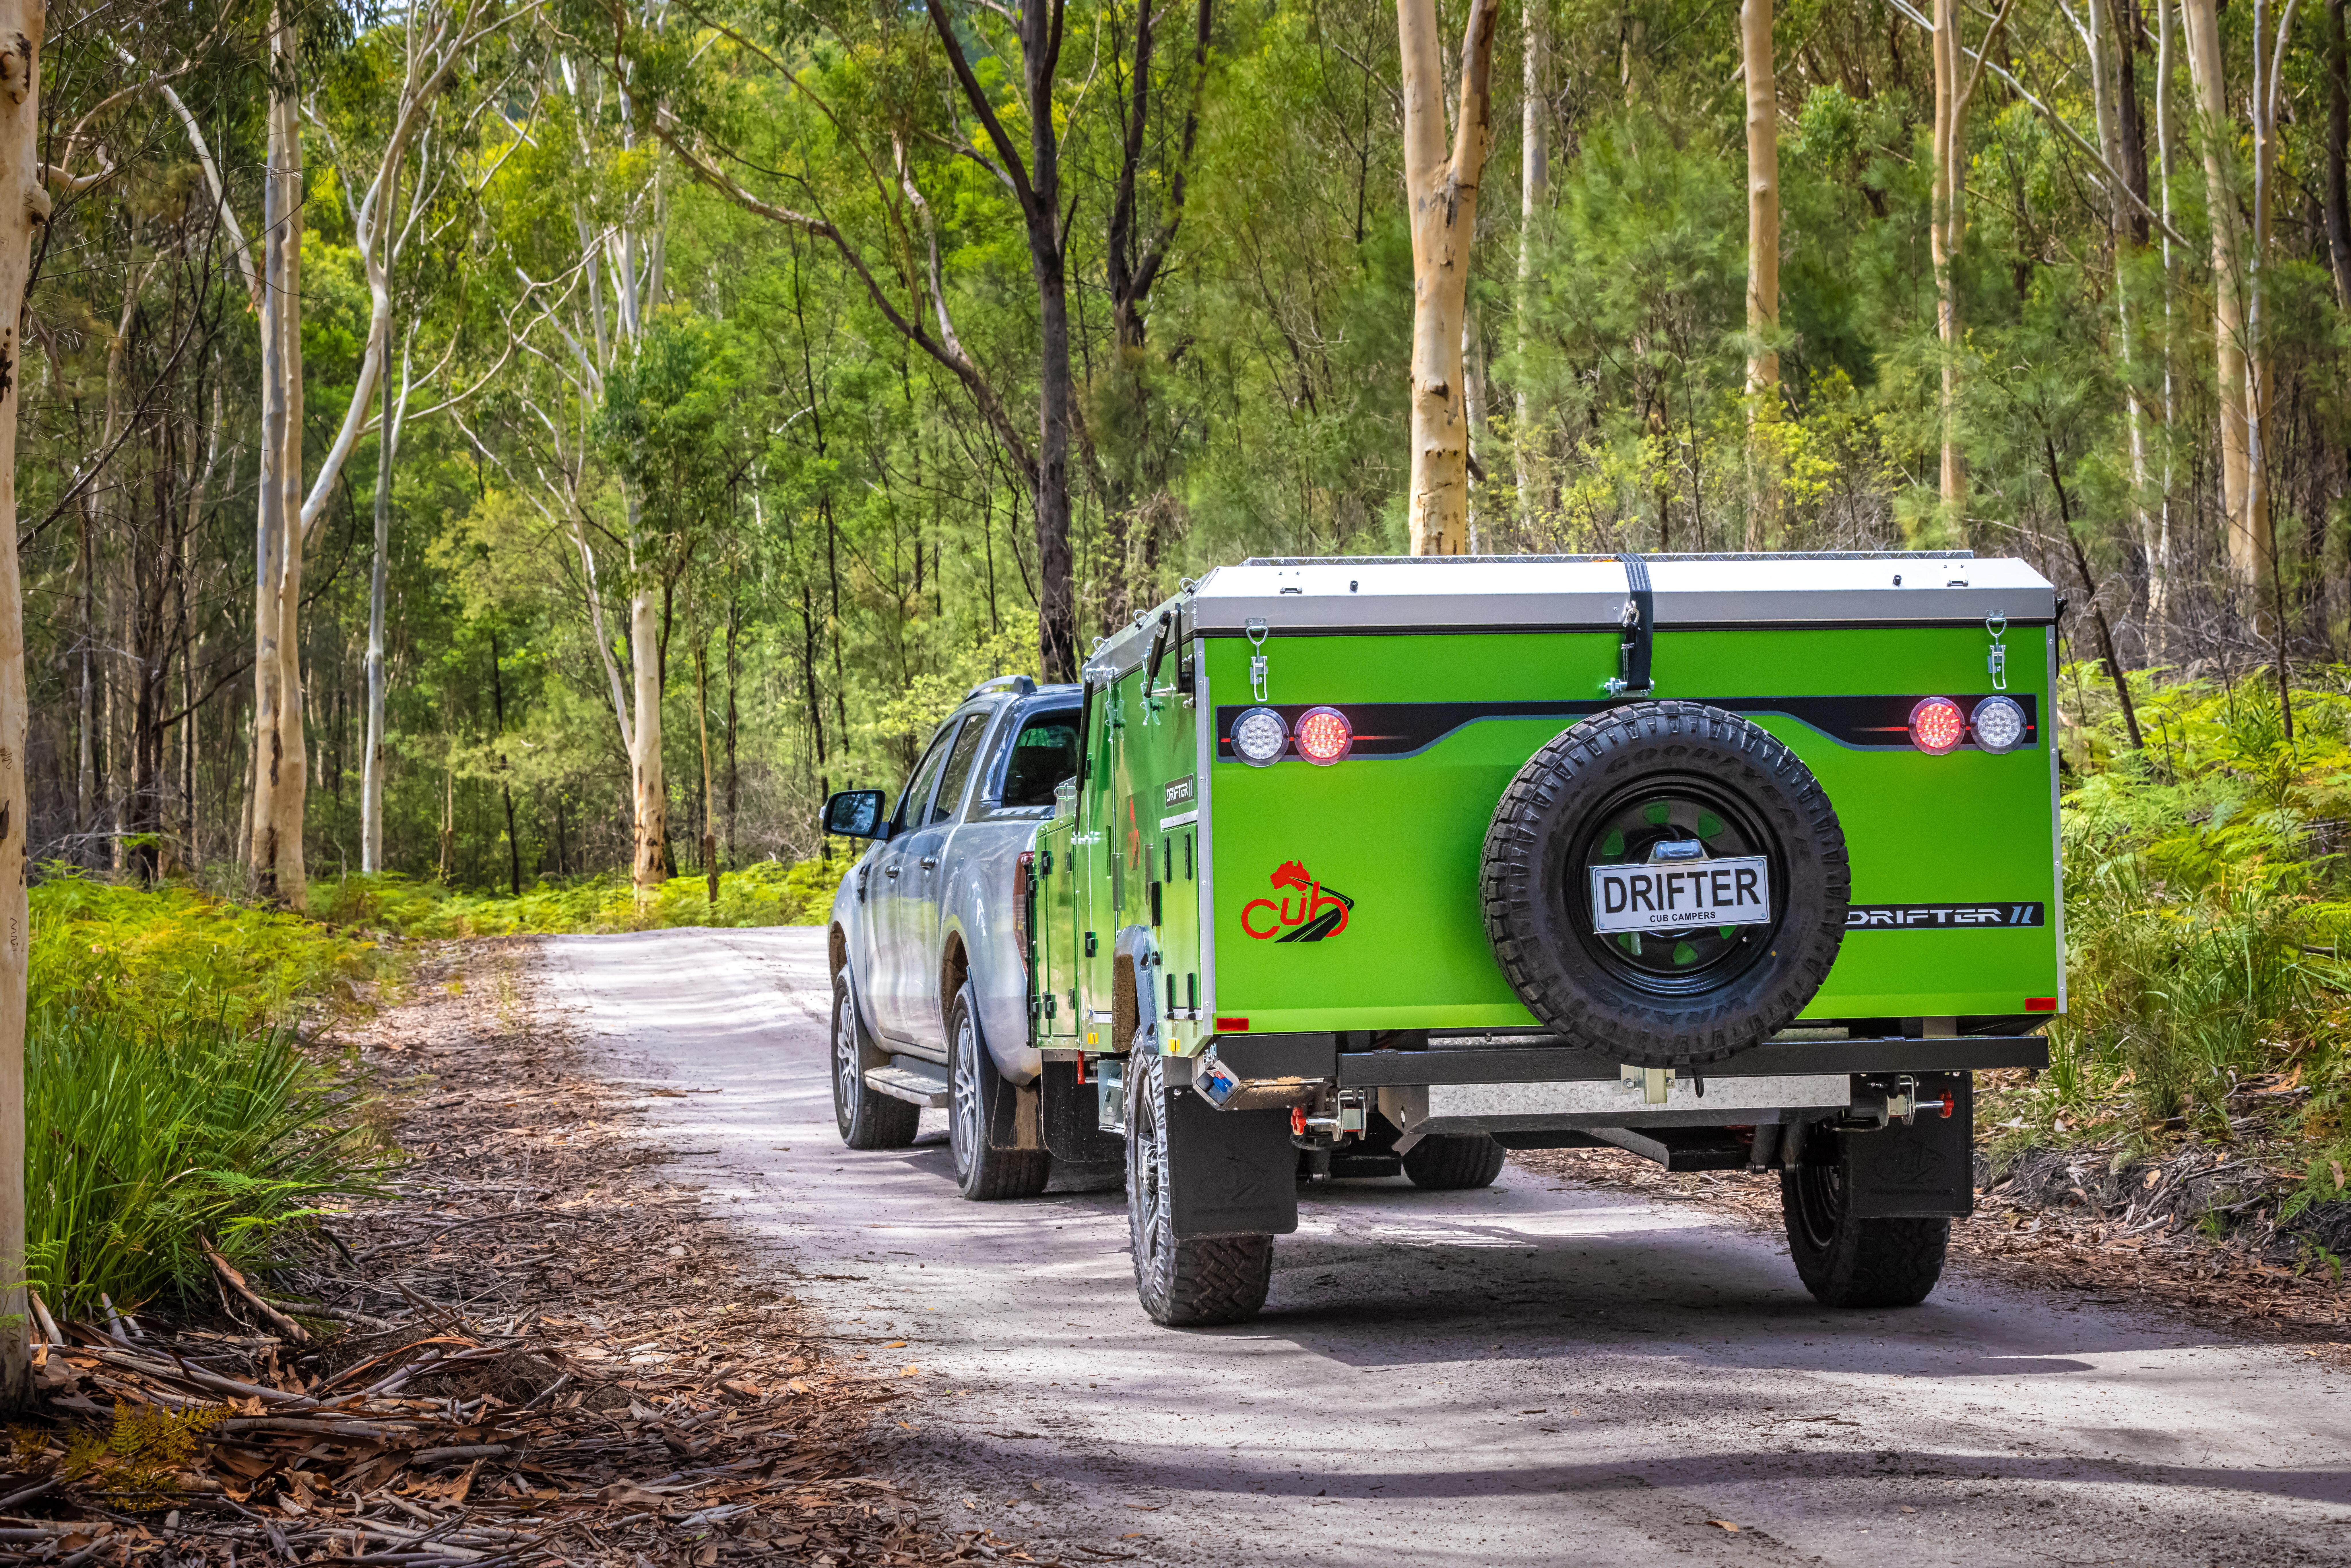 Cub Camper Drifter II camper trailer